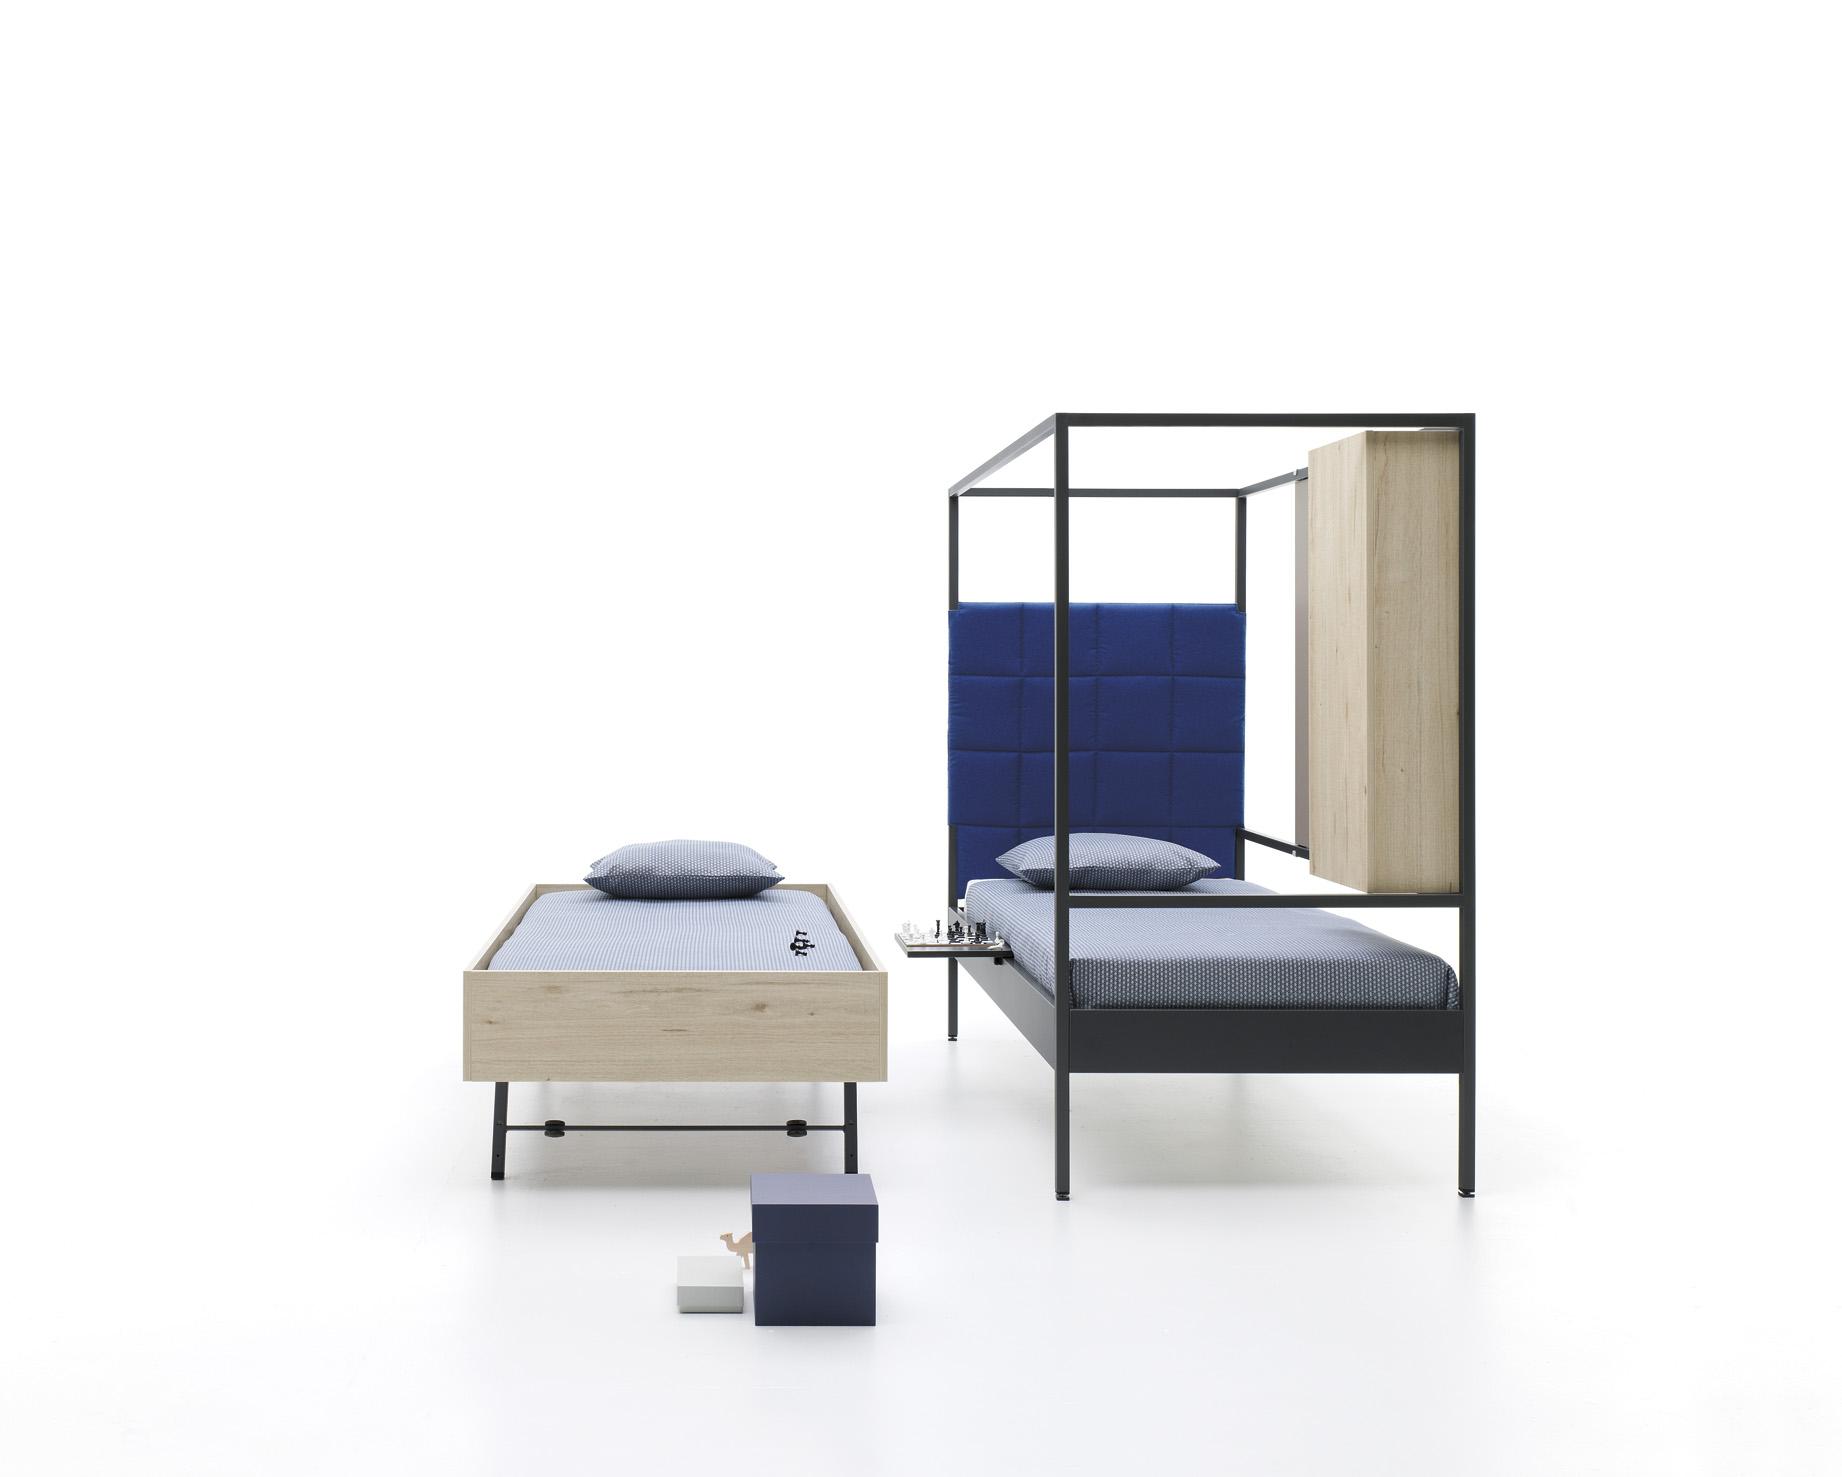 Estructura cama con contenedor y cabezal acolchado